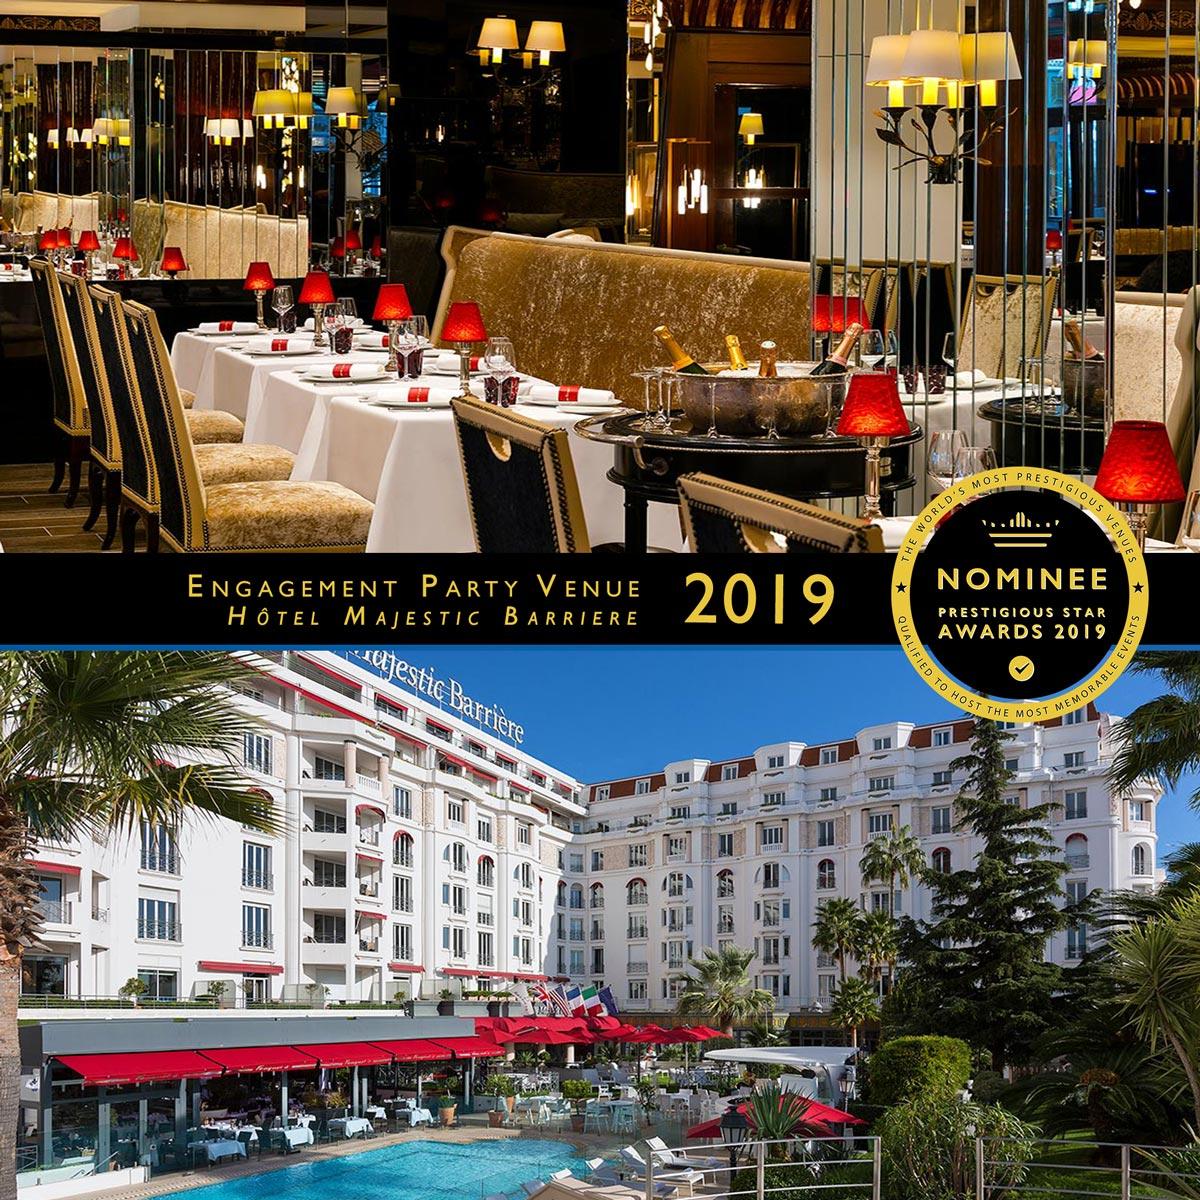 Veuve Clicquot Terrace at Hotel Barrière Le Majestic Cannes